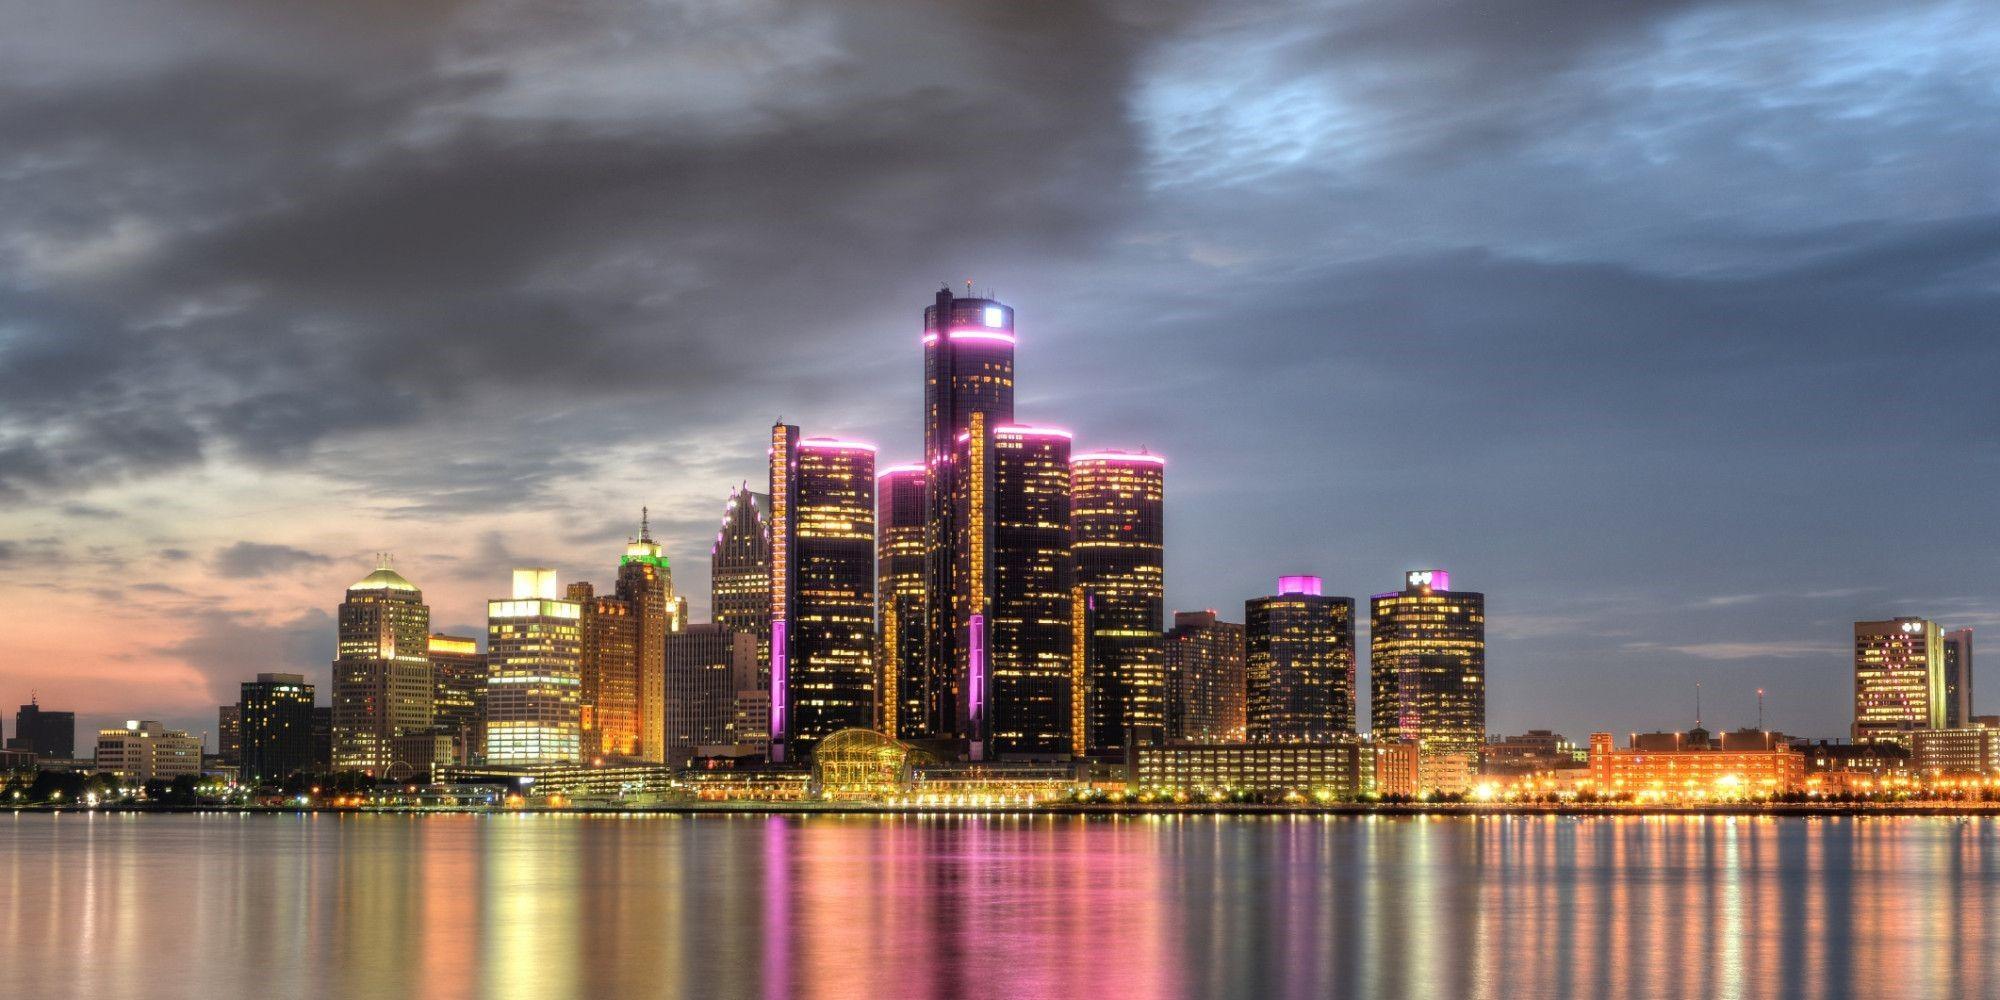 Detroit Pictures Detroit Skyline Detroit Detroit City